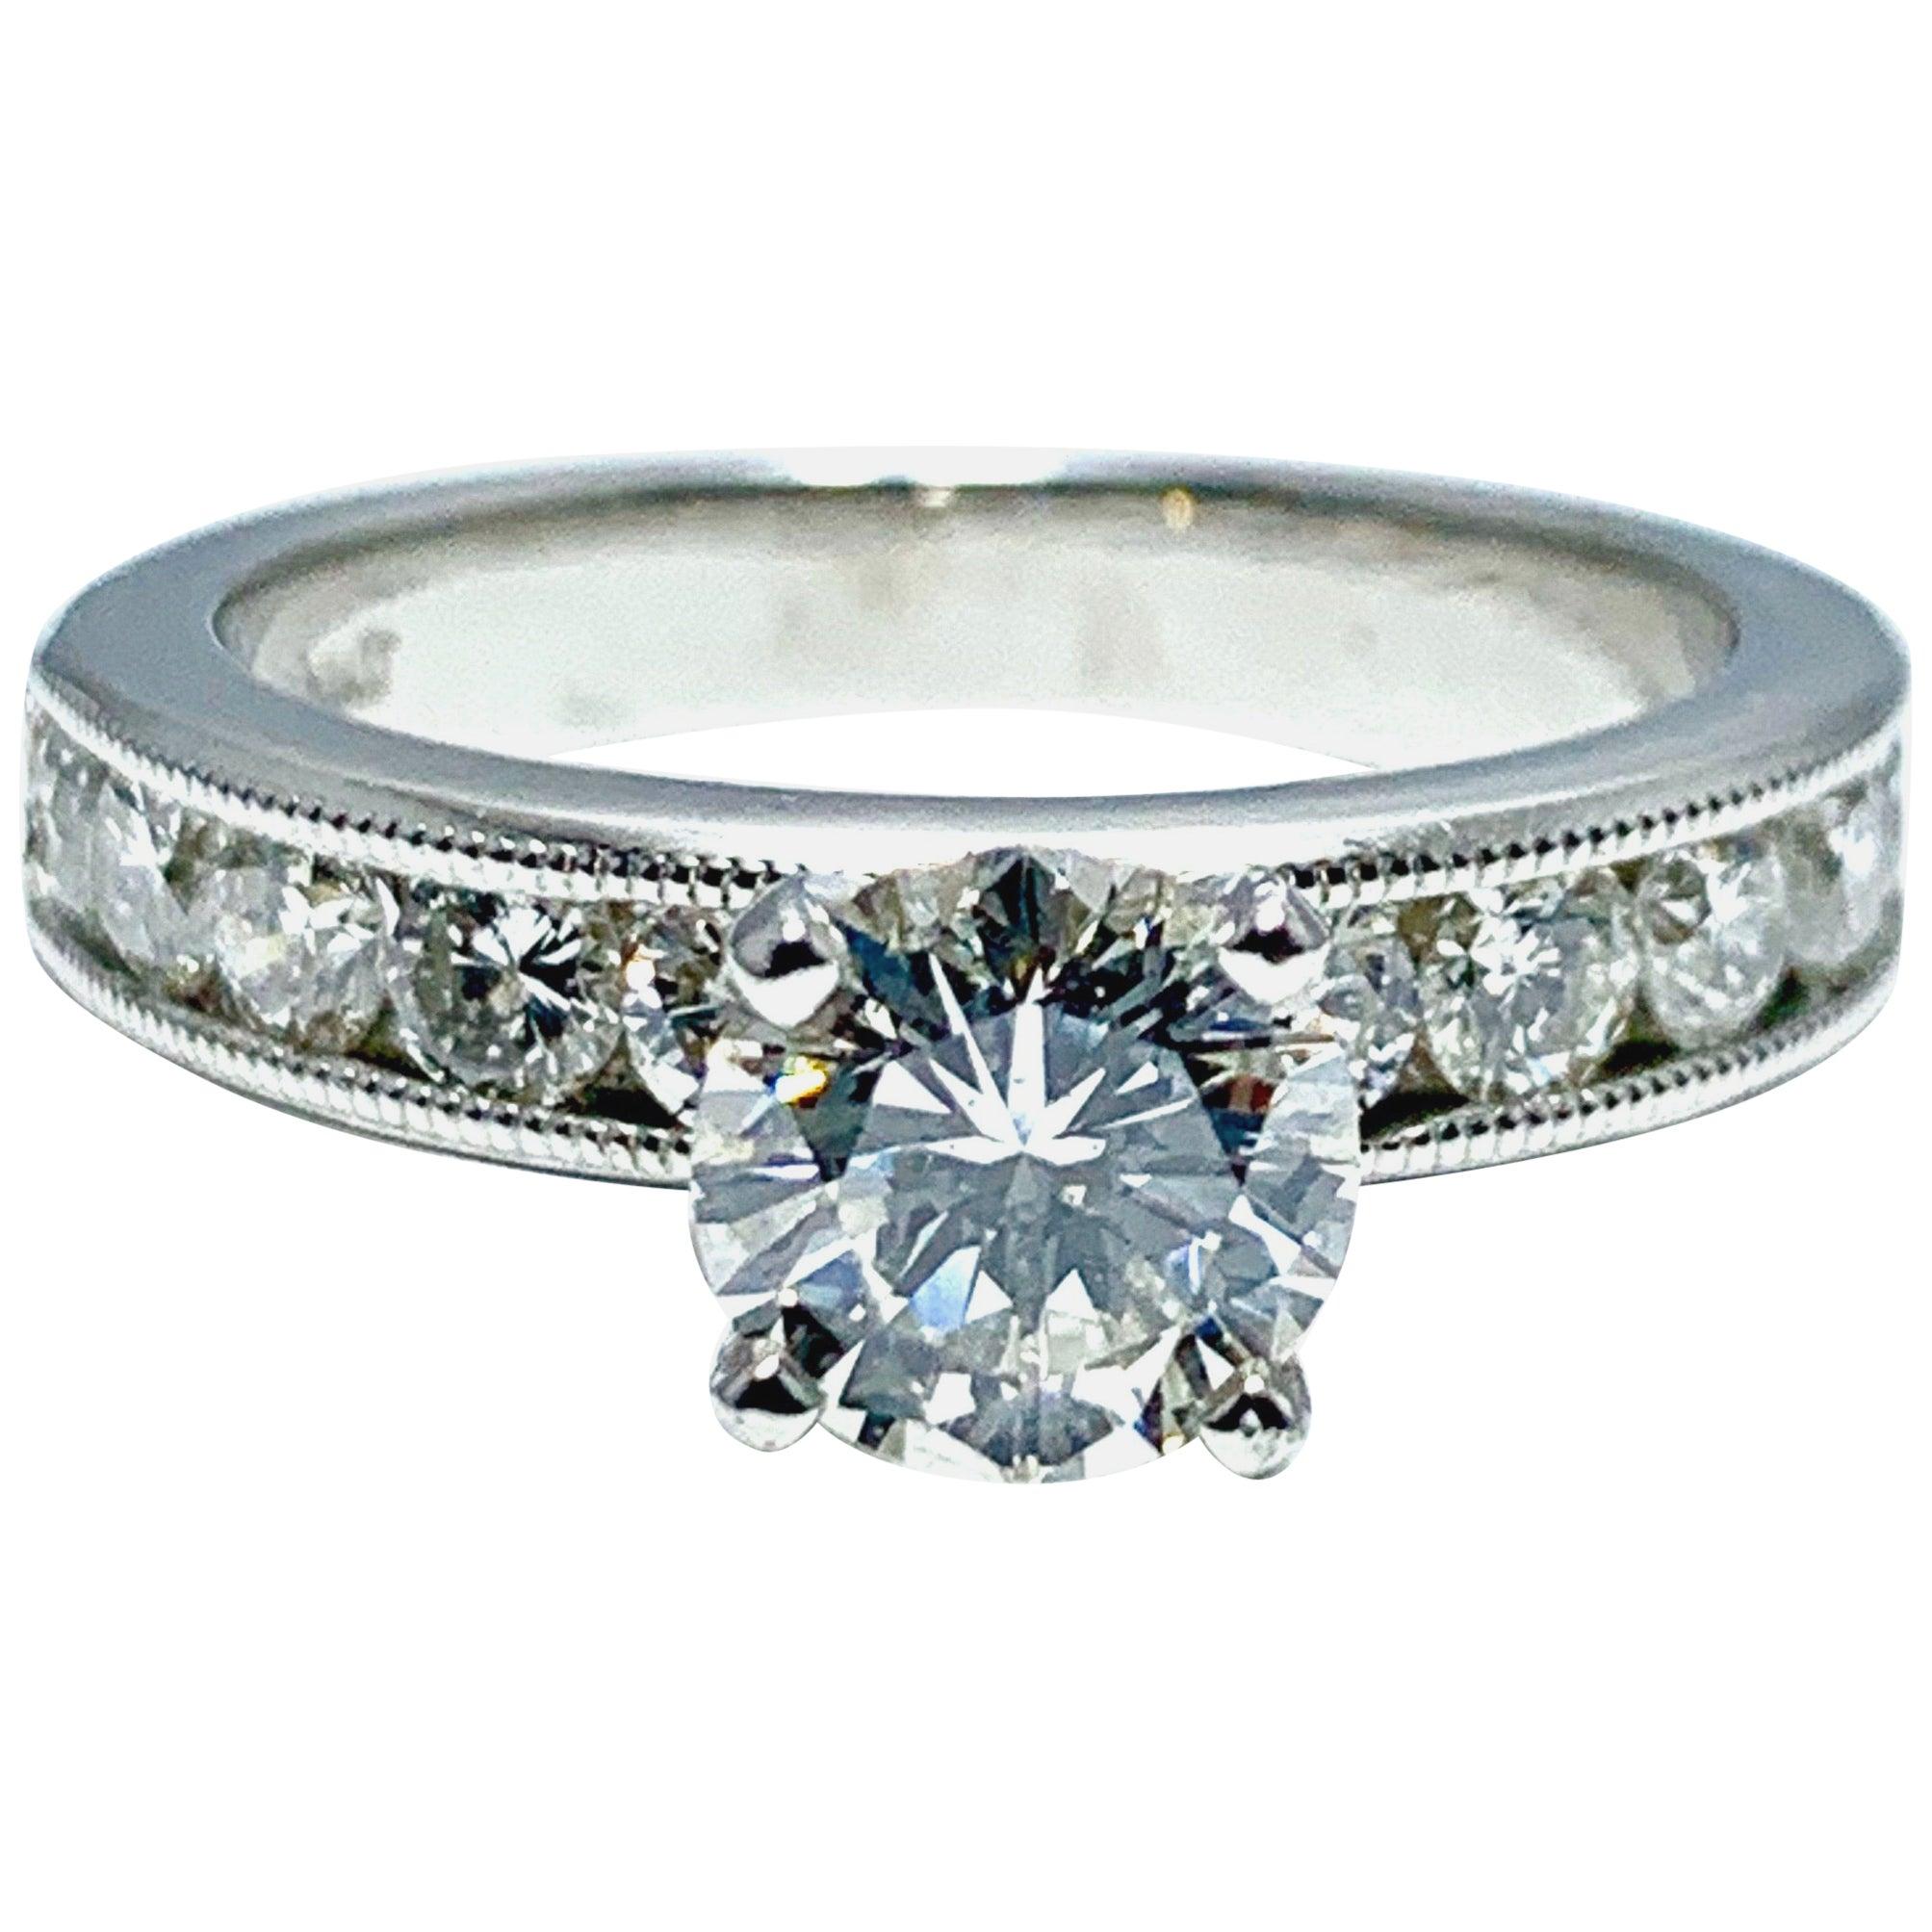 1.01 Carat Round Brilliant Cut Diamond and Platinum Engagement Ring